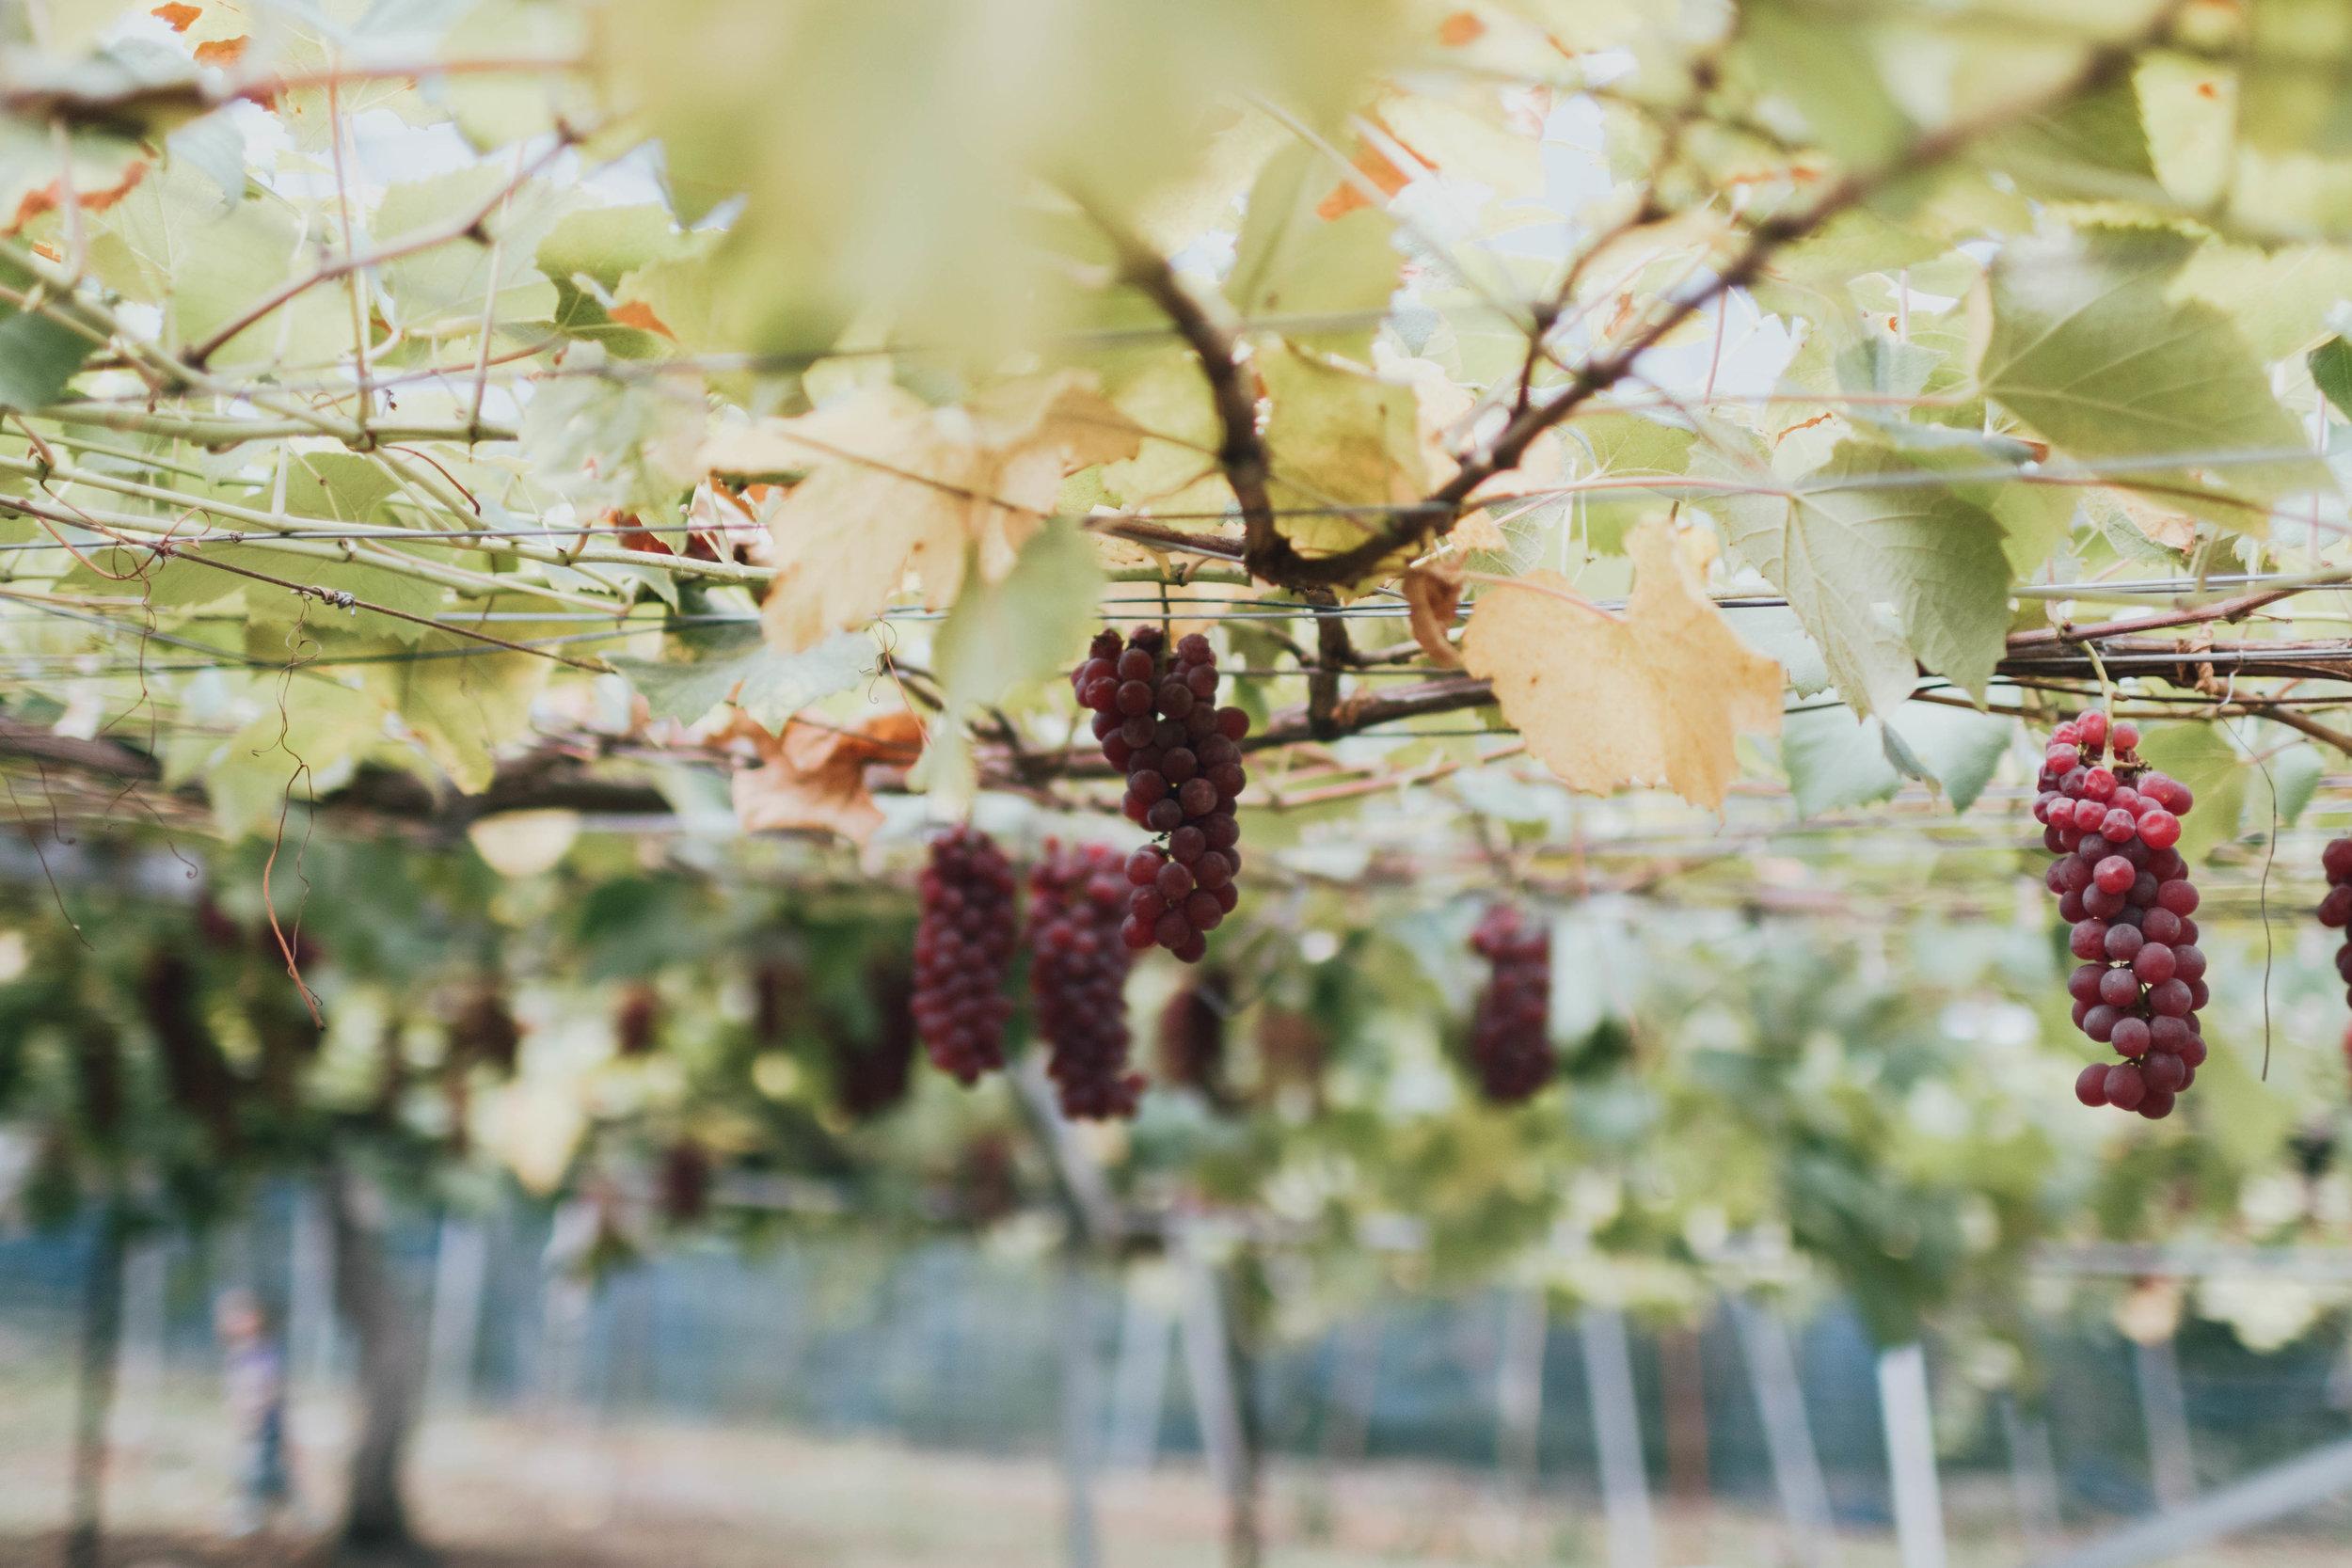 hiratakankono-orchard-photos-by-samantha-look.jpg